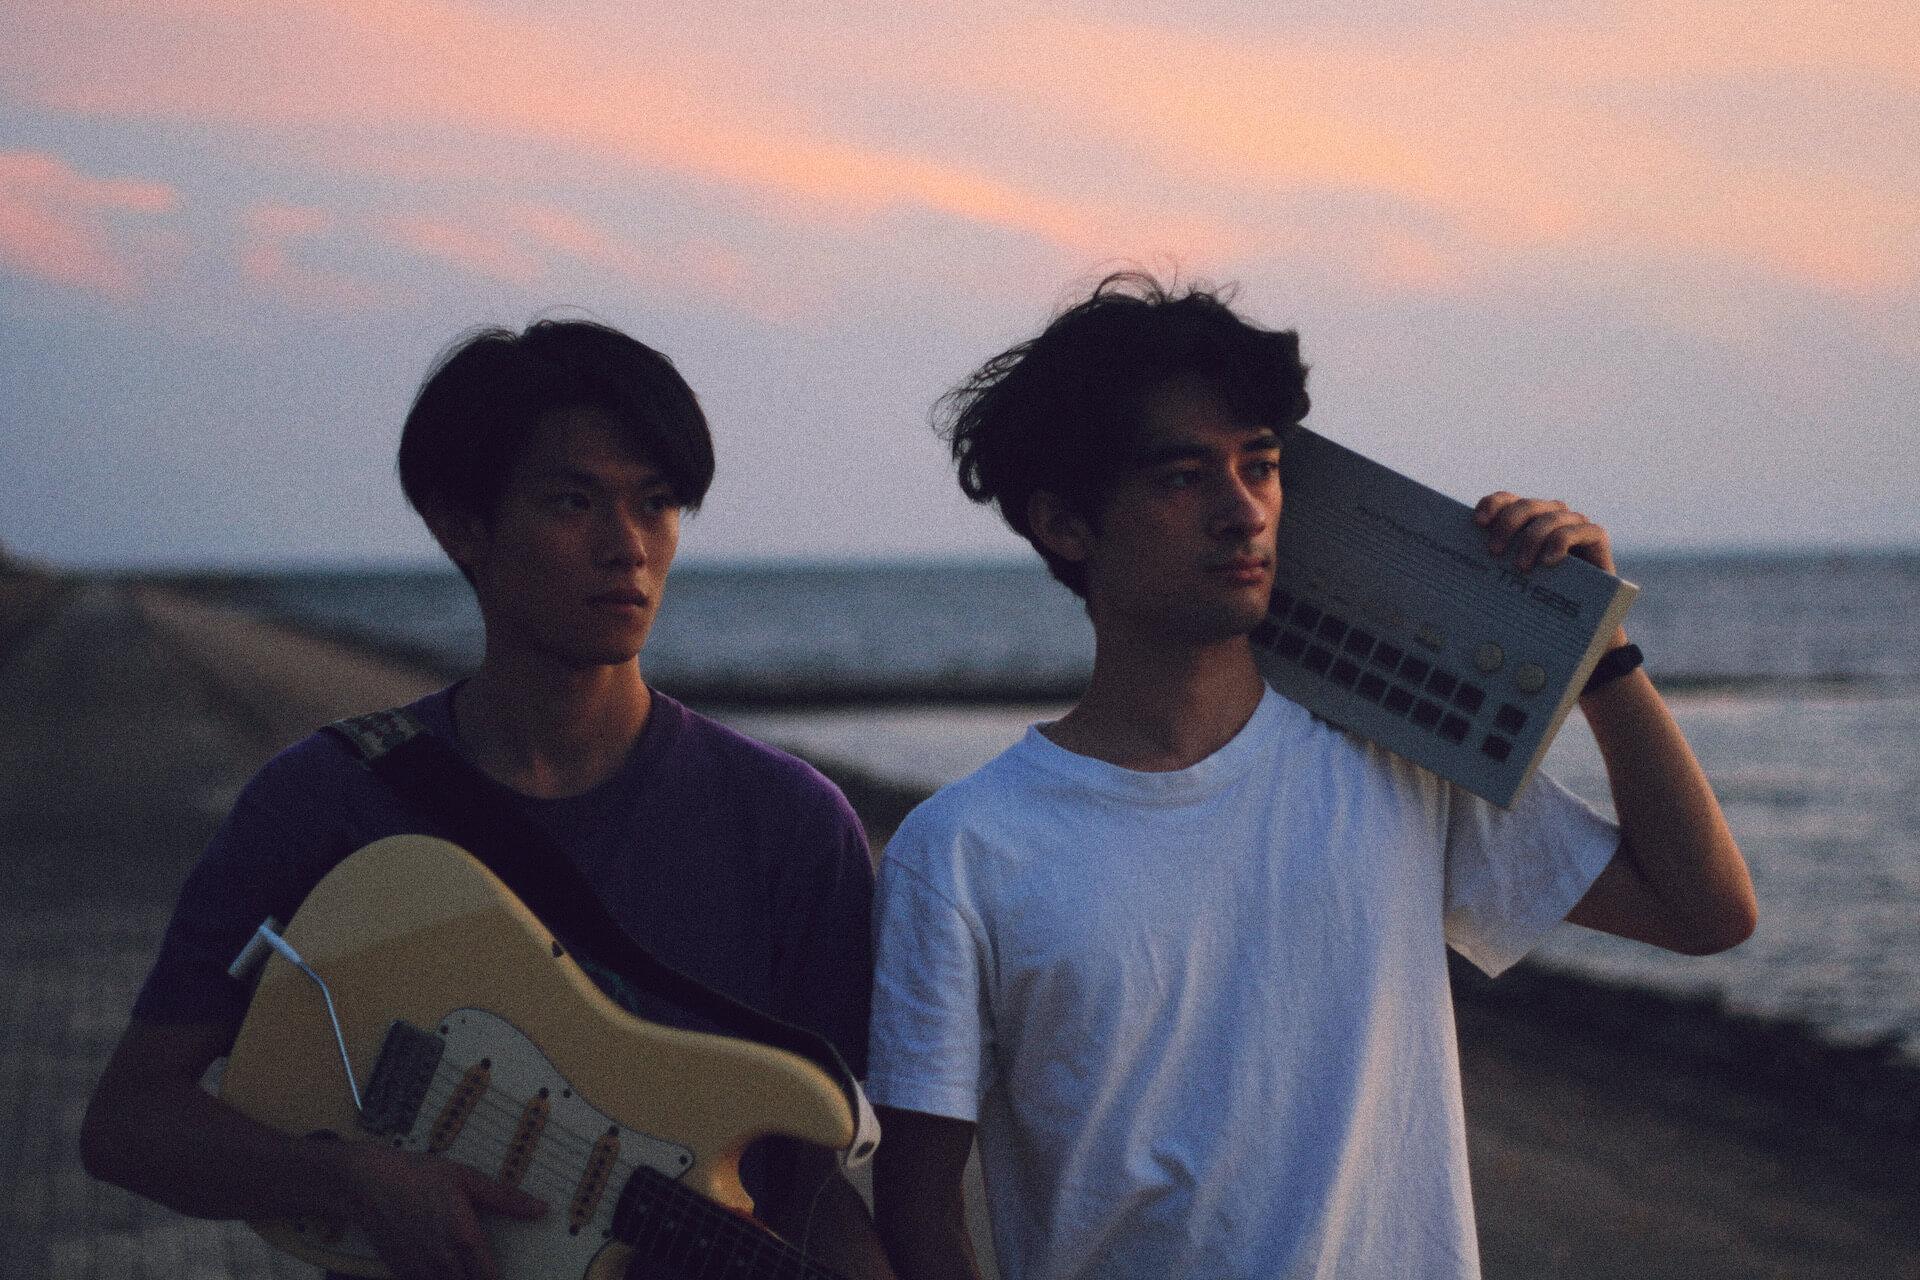 名古屋の宅録ユニットOgawa & Tokoro、〈カクバリズム〉より7インチ・シングル&デジタルEP『Shinmaiko』をリリース music200807-ogawa-tokoro-kakubarhythm-2